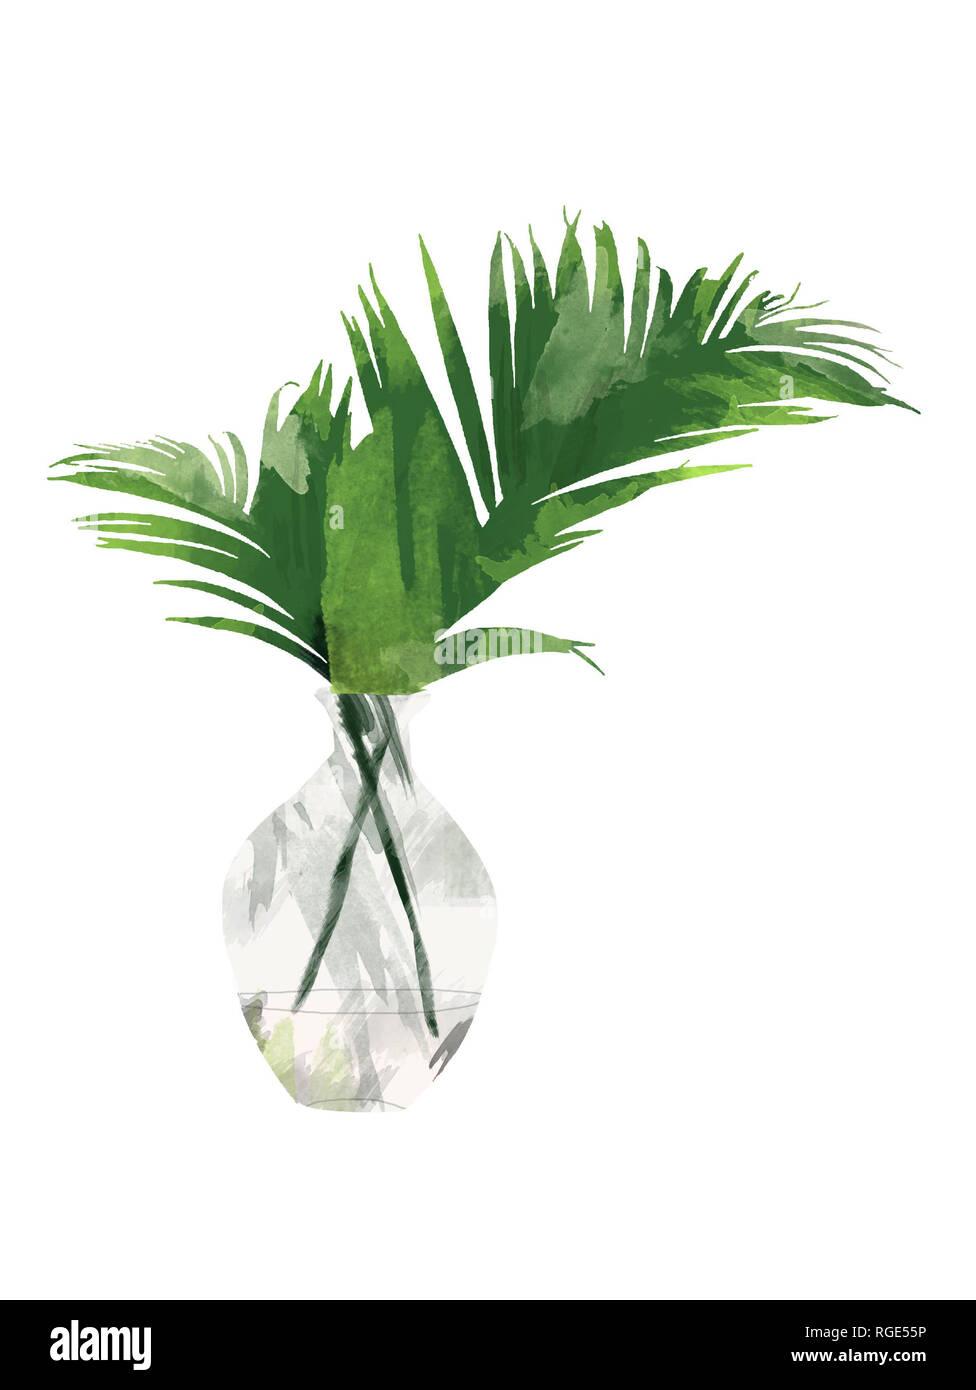 Pintado a mano con hojas de palmera Areca tropical en la botella o jarrón aislado sobre fondo blanco. Botánico Floral clip art para el diseño o la impresión - Ilustración Imagen De Stock